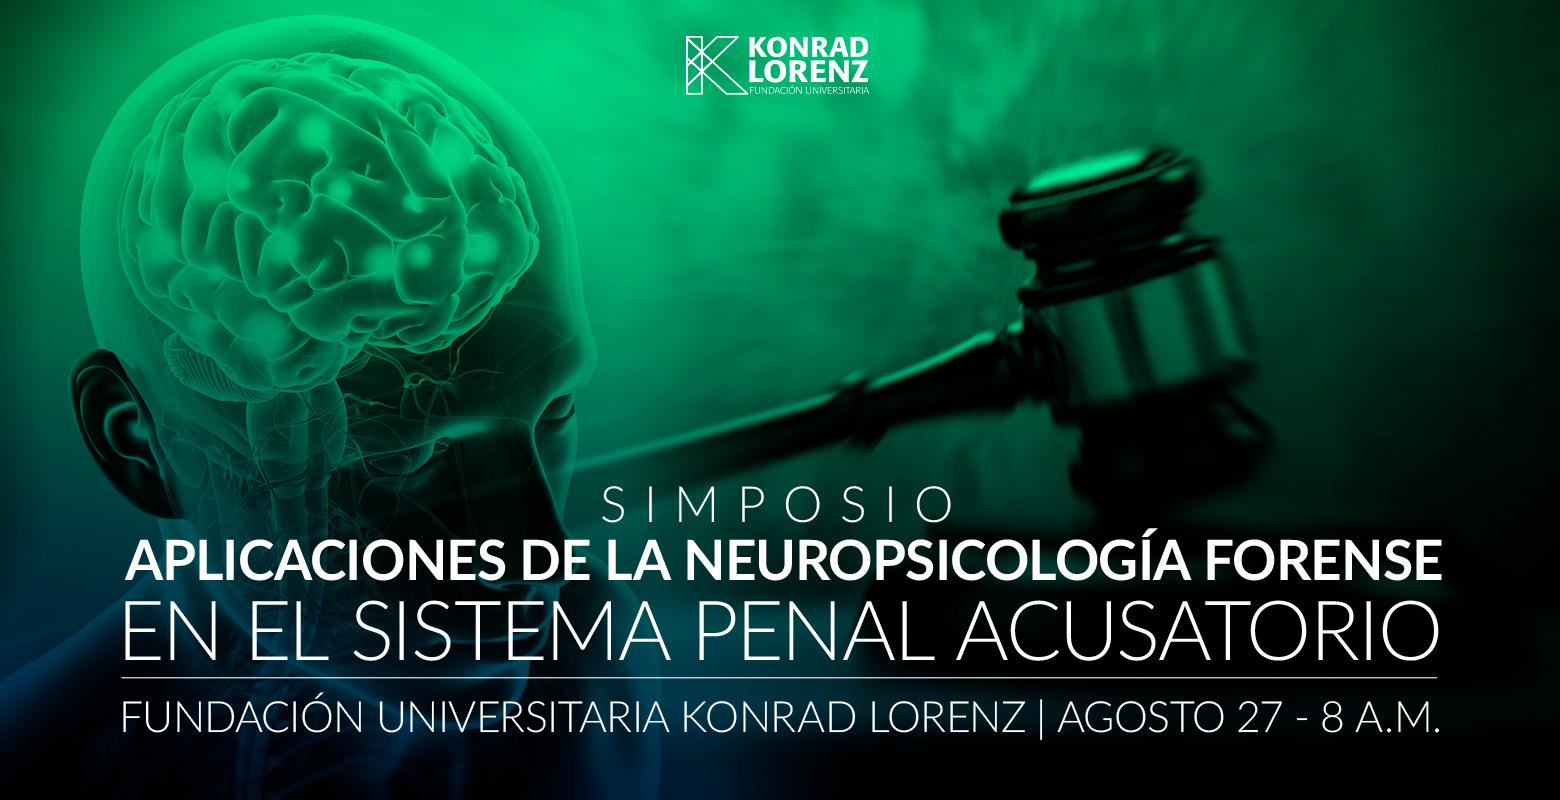 Simposio Aplicaciones de la Neuropsicología Forense en el Sistema Penal Acusatorio